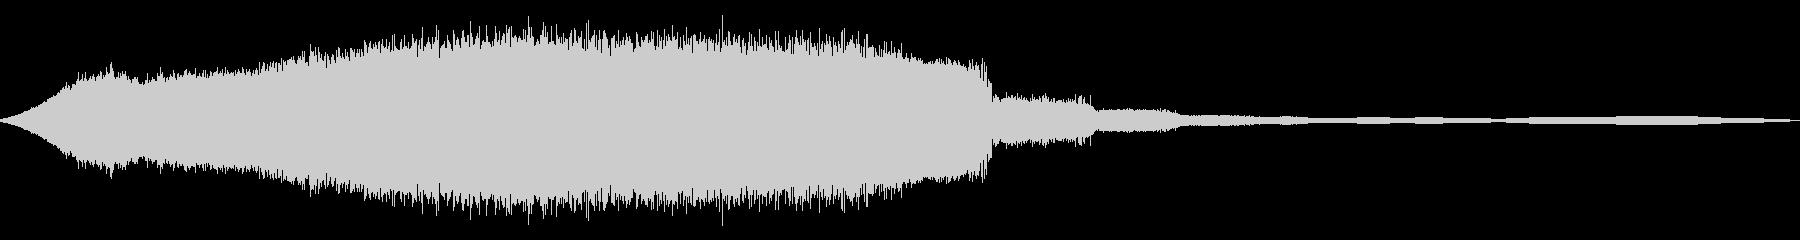 コンピュータチップの誤動作プロセス...の未再生の波形